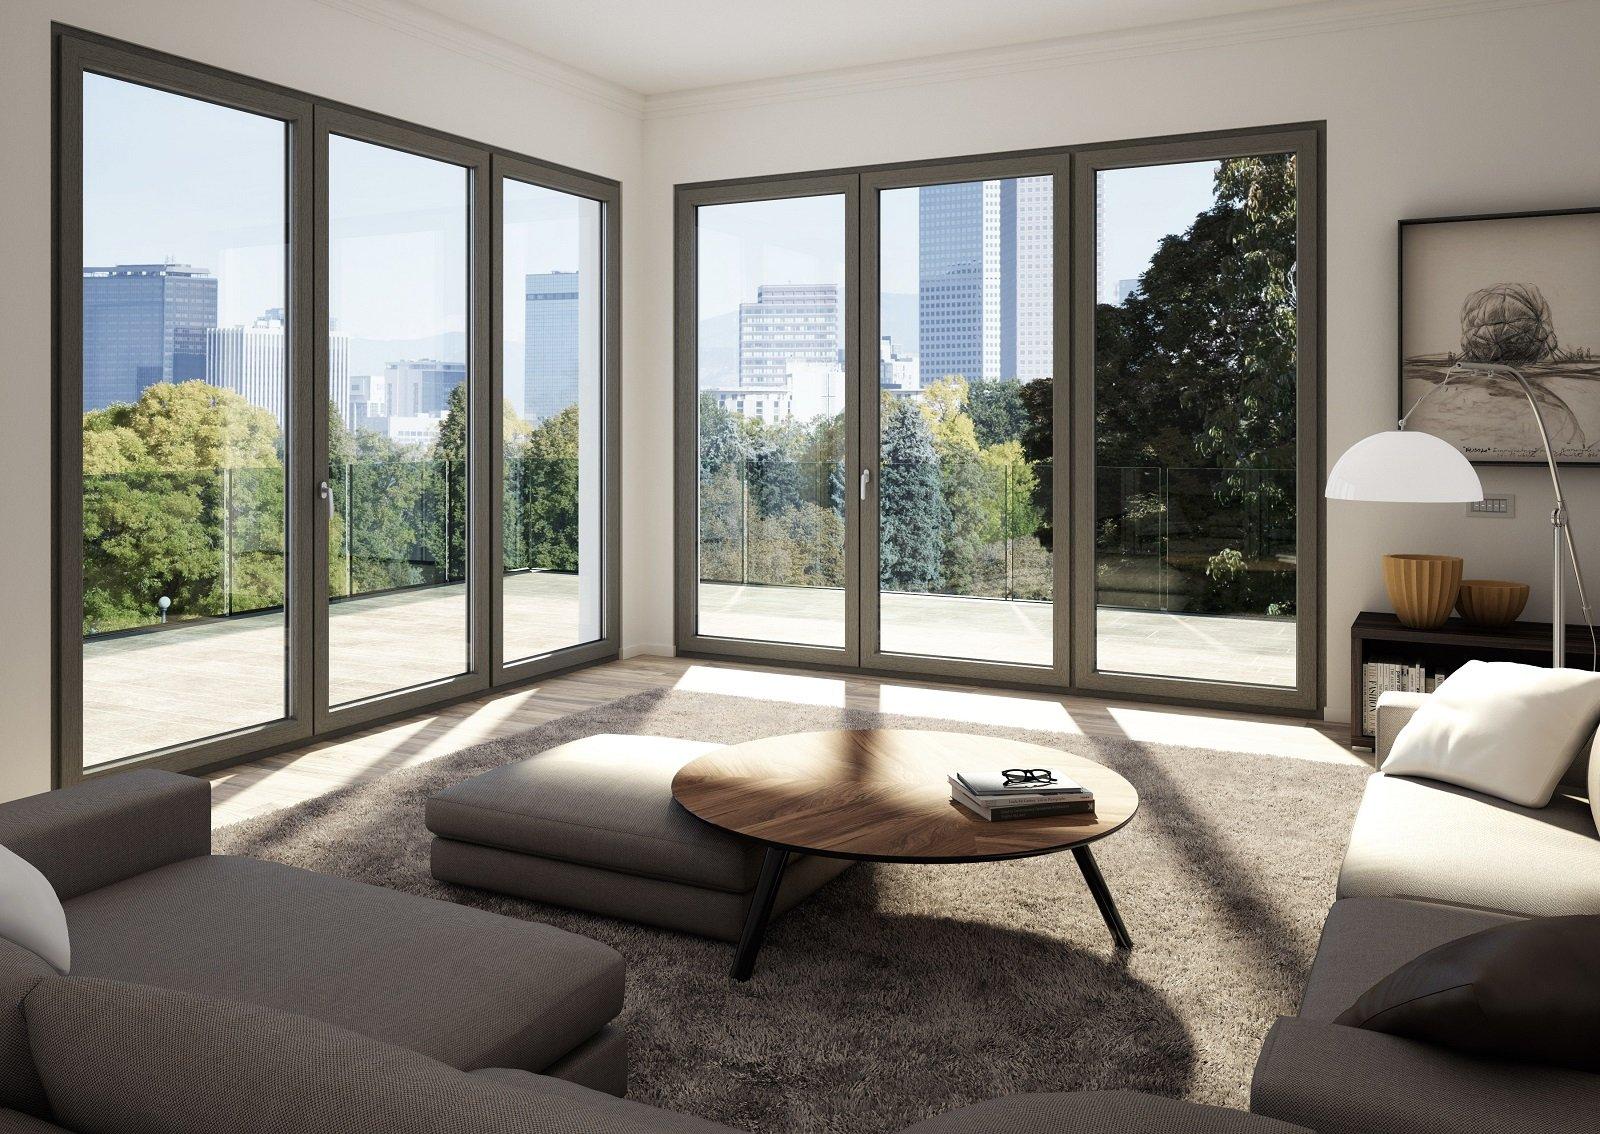 Finestre per il risparmio energetico con ecobonus del 65 - Si espongono alle finestre ...